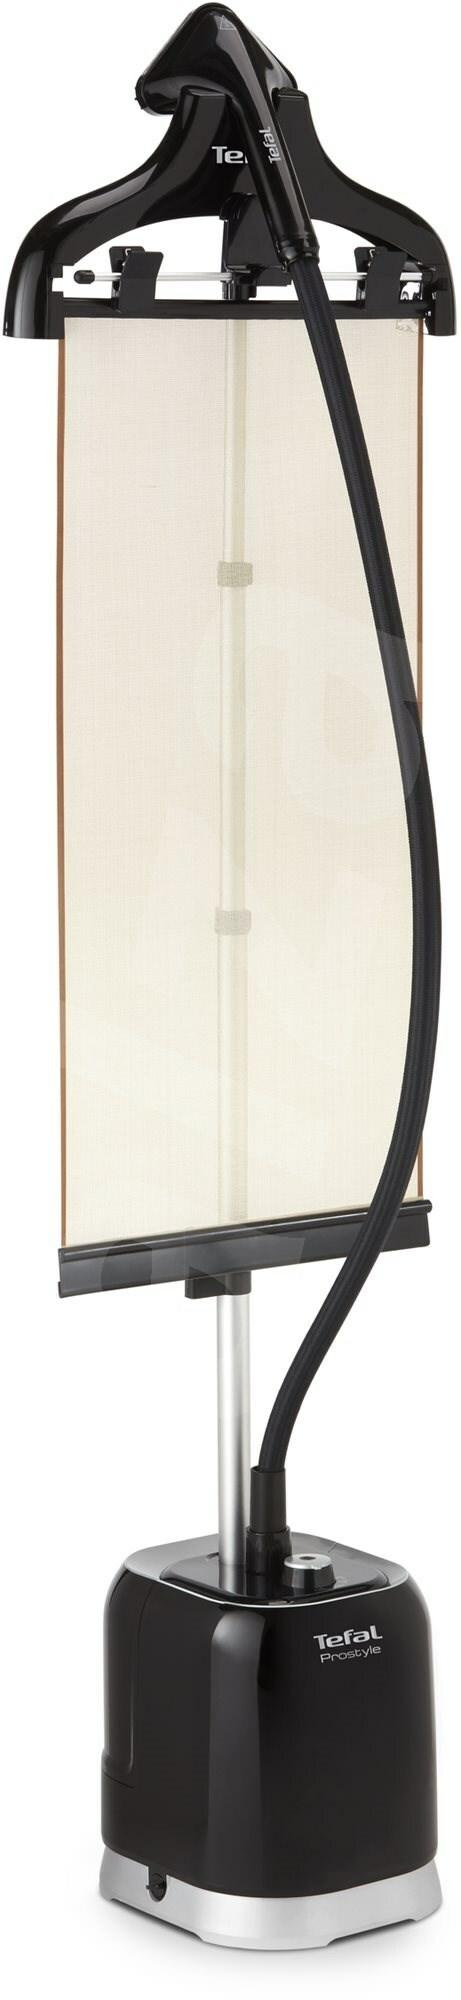 Tefal Pro Style Handhållen Steamer